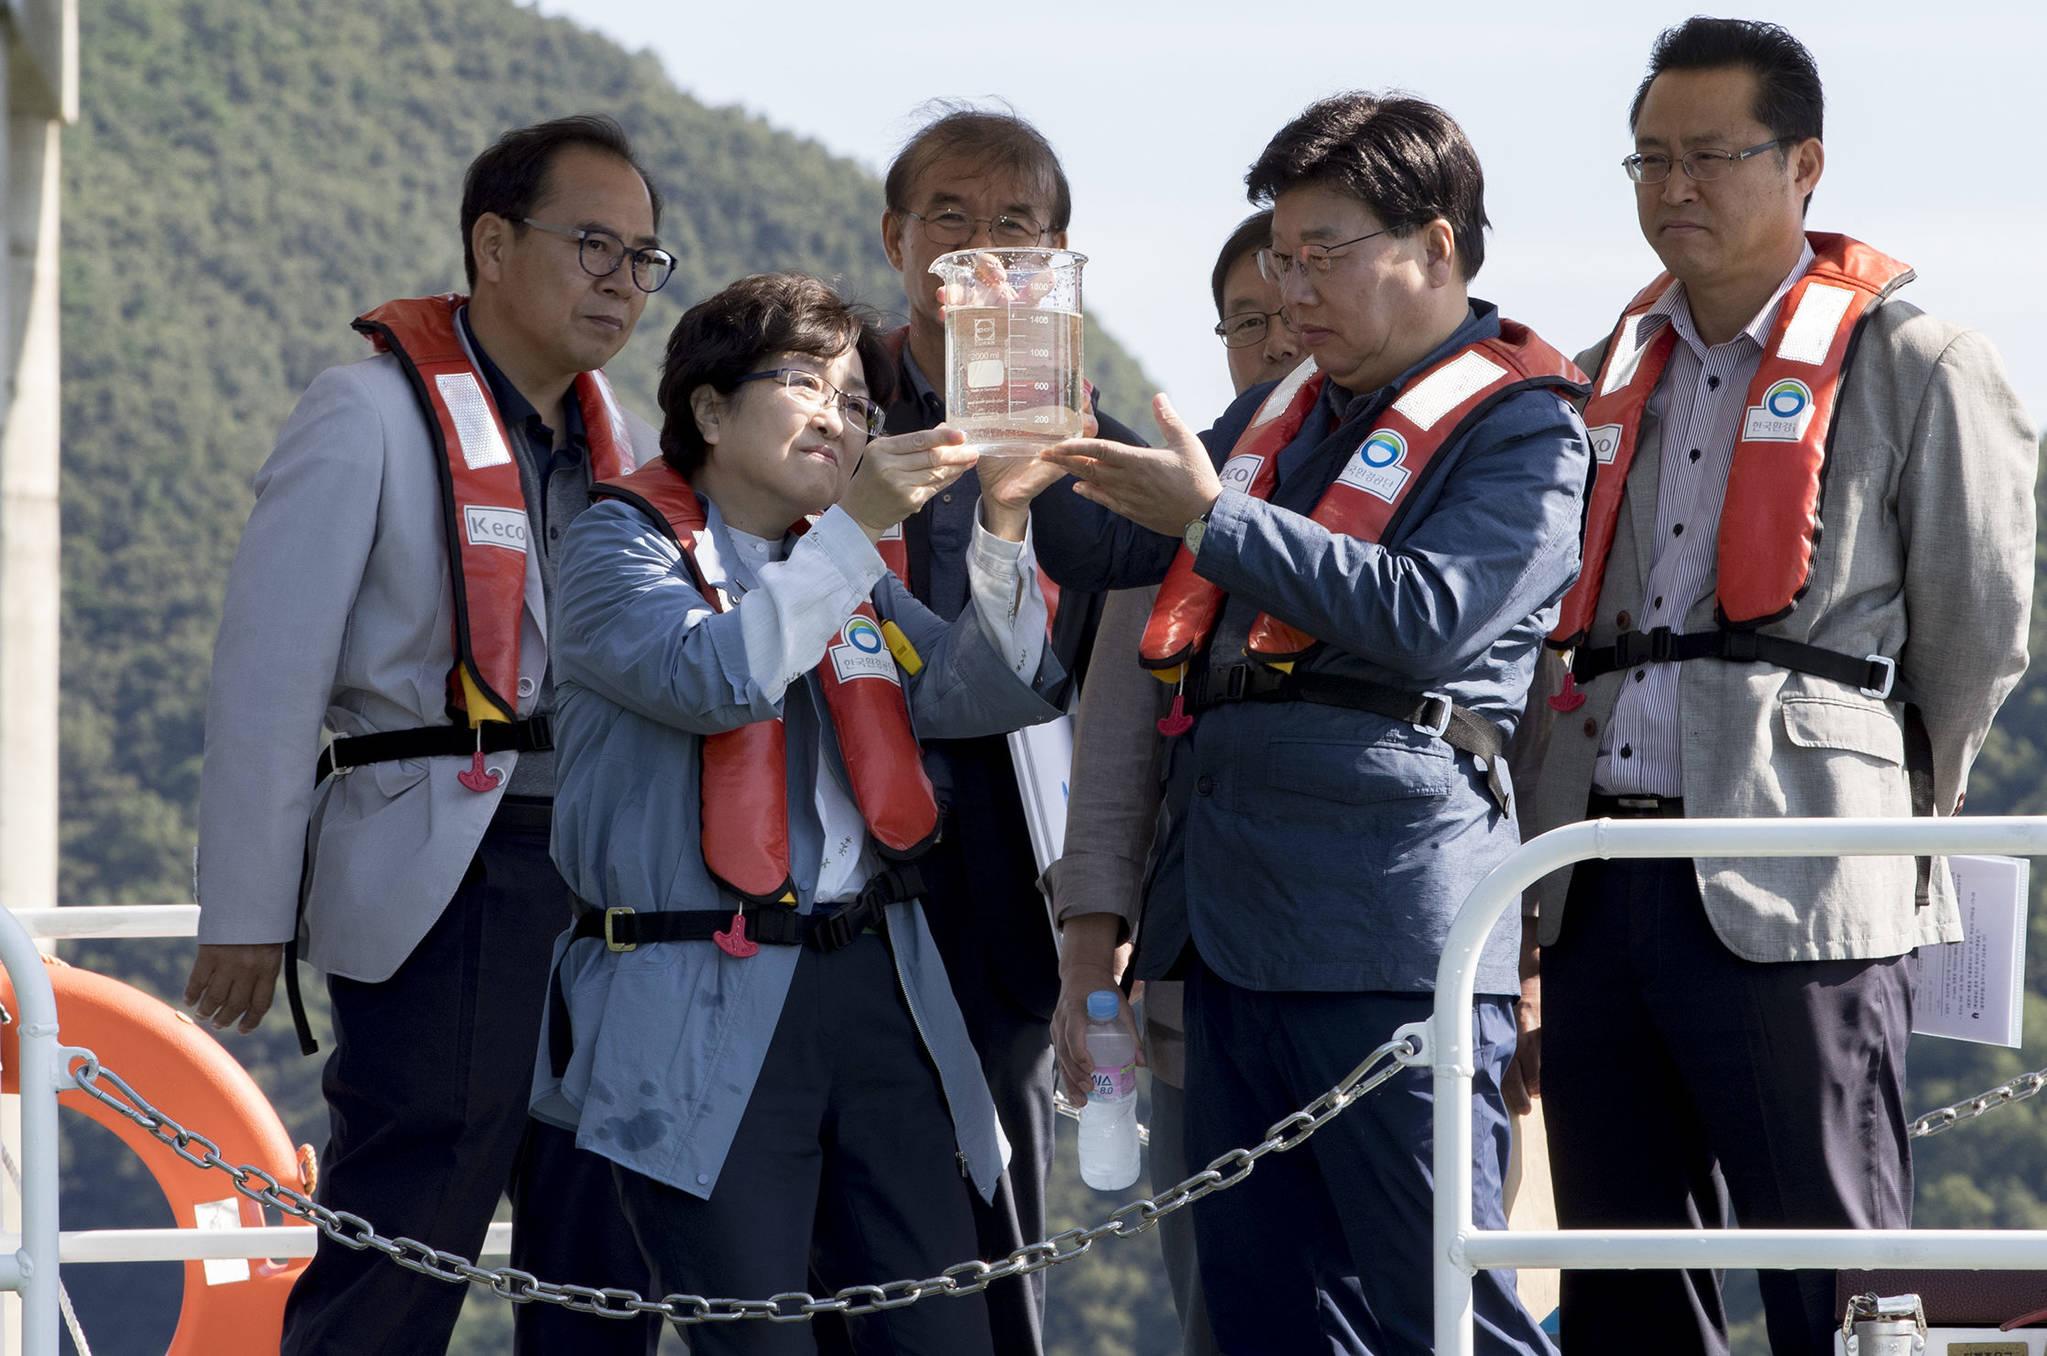 김은경 환경부 장관이 9월 2일 녹조가 발생한 충북 대청호를 방문해 수질 상태를 점검하고 있다. [사진 환경부]